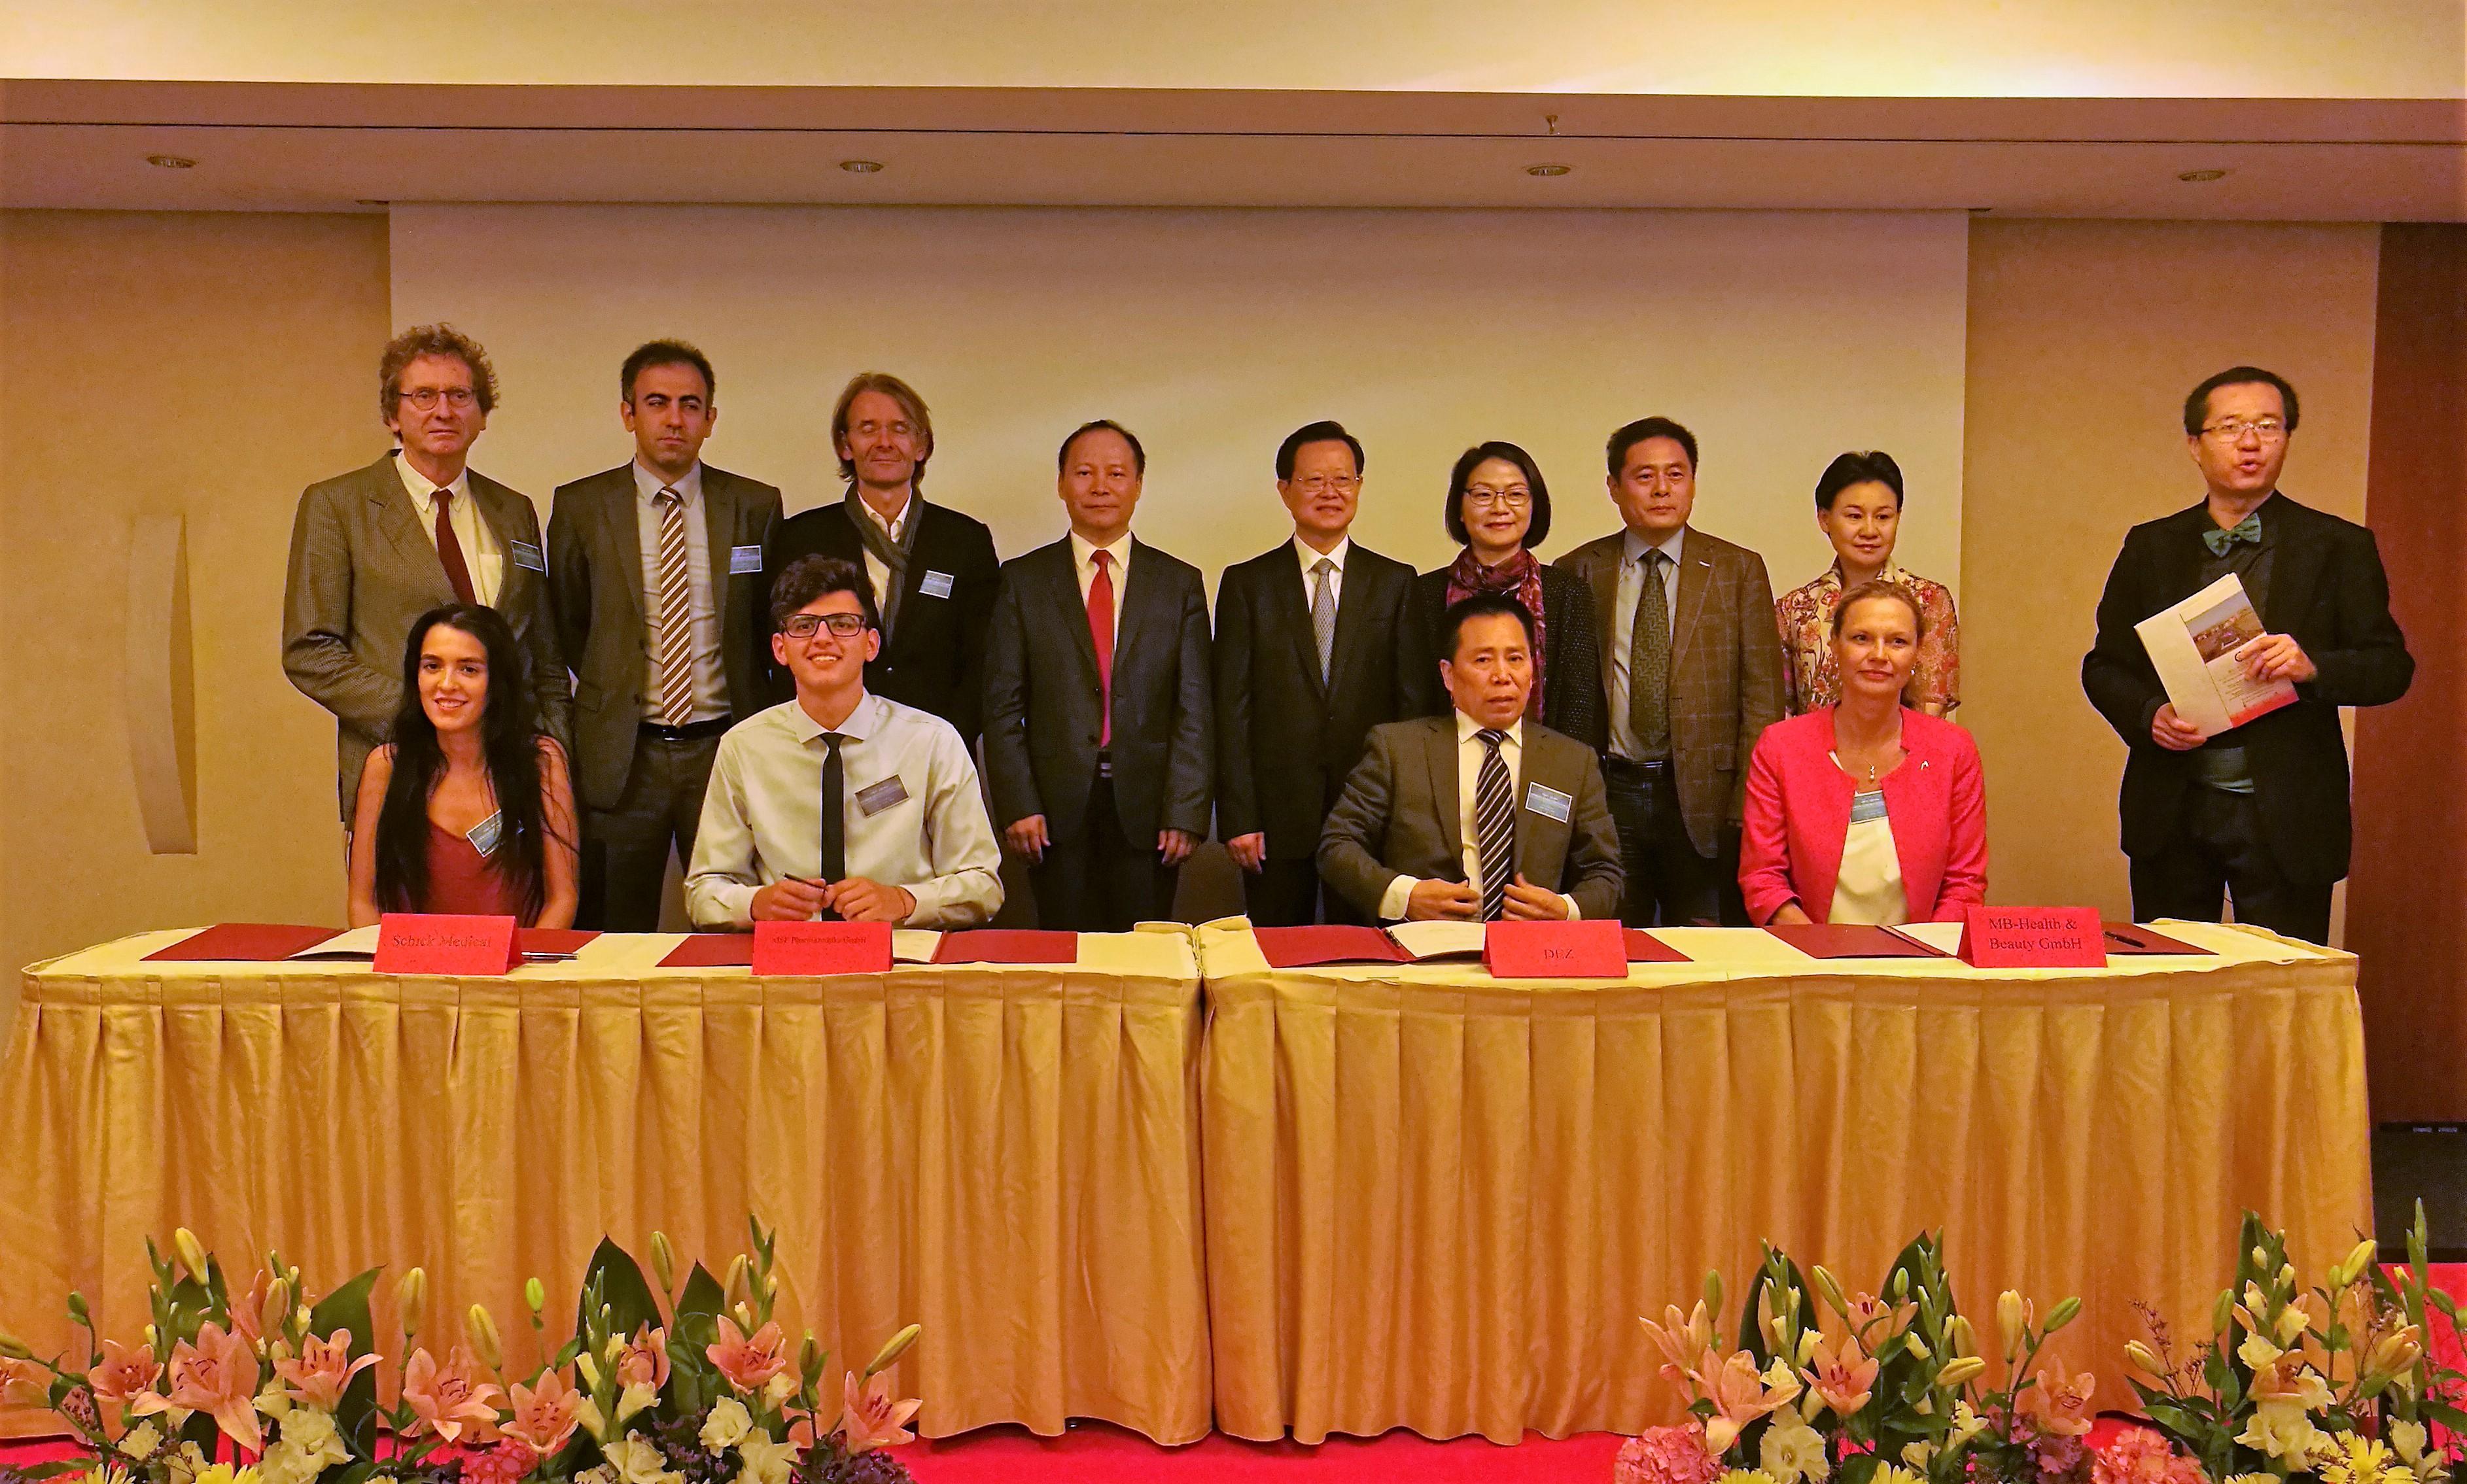 德国政府首次组织中小企业将抱团入驻中国杭州、太原、淮安《德欧中心》